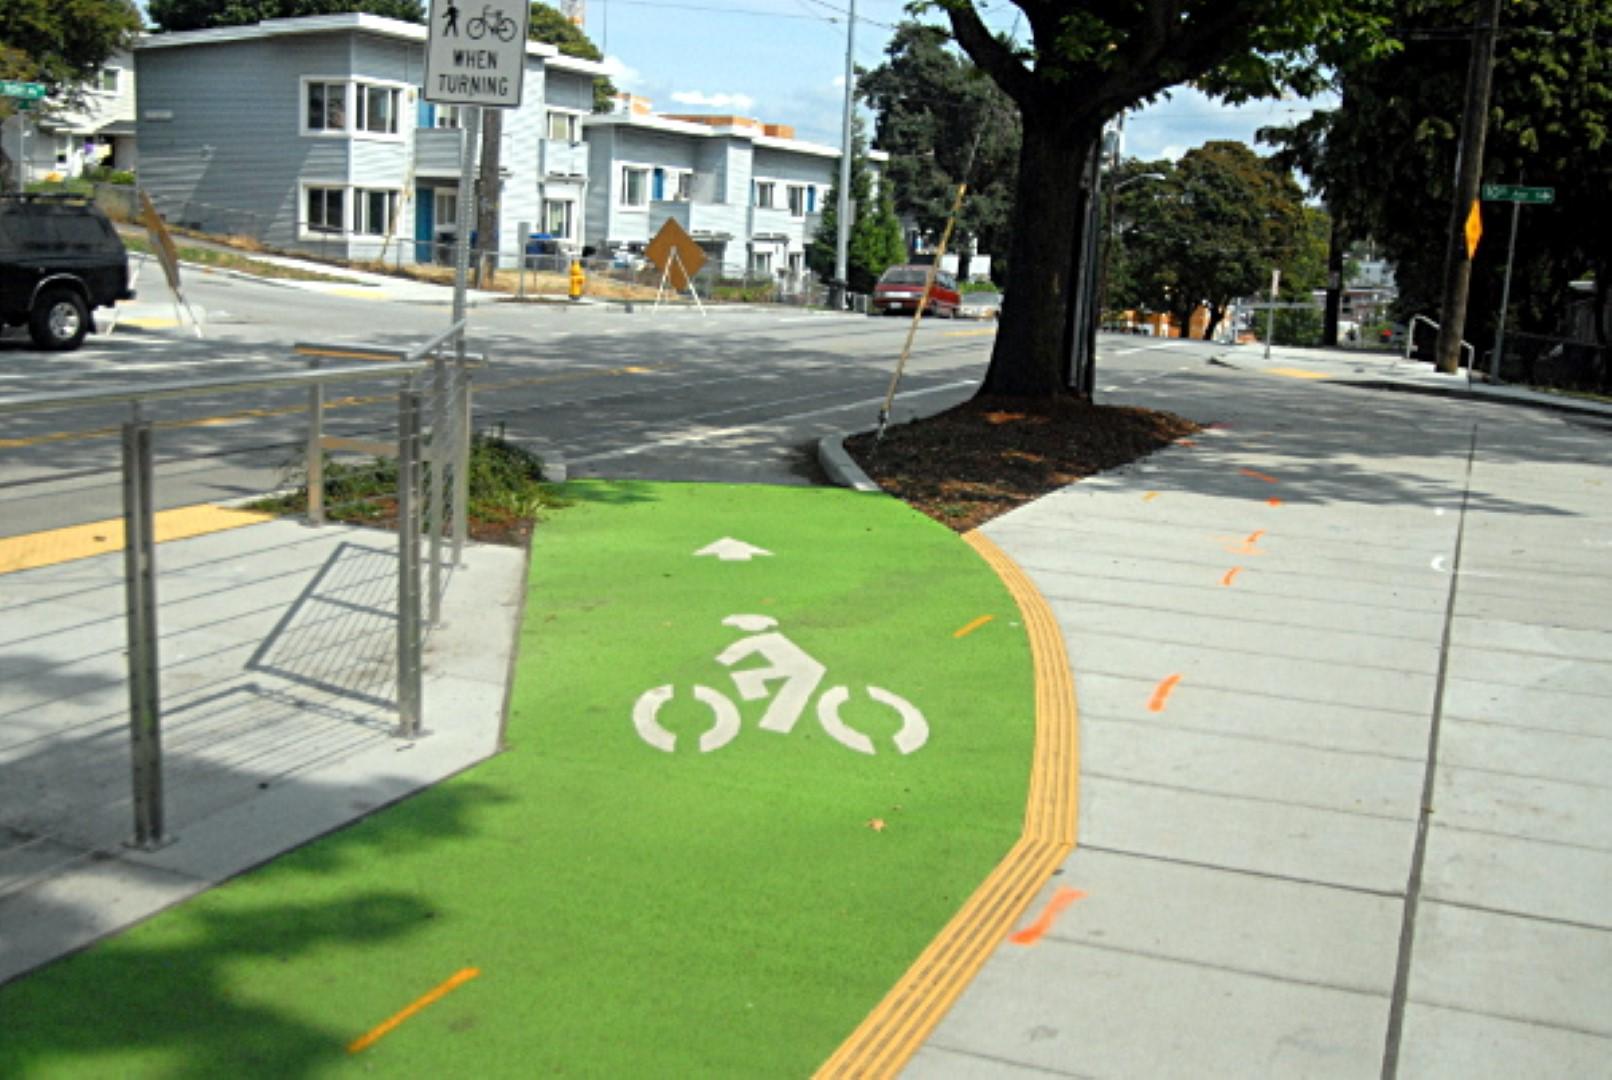 שביל אופניים על המדרכה, ירוק